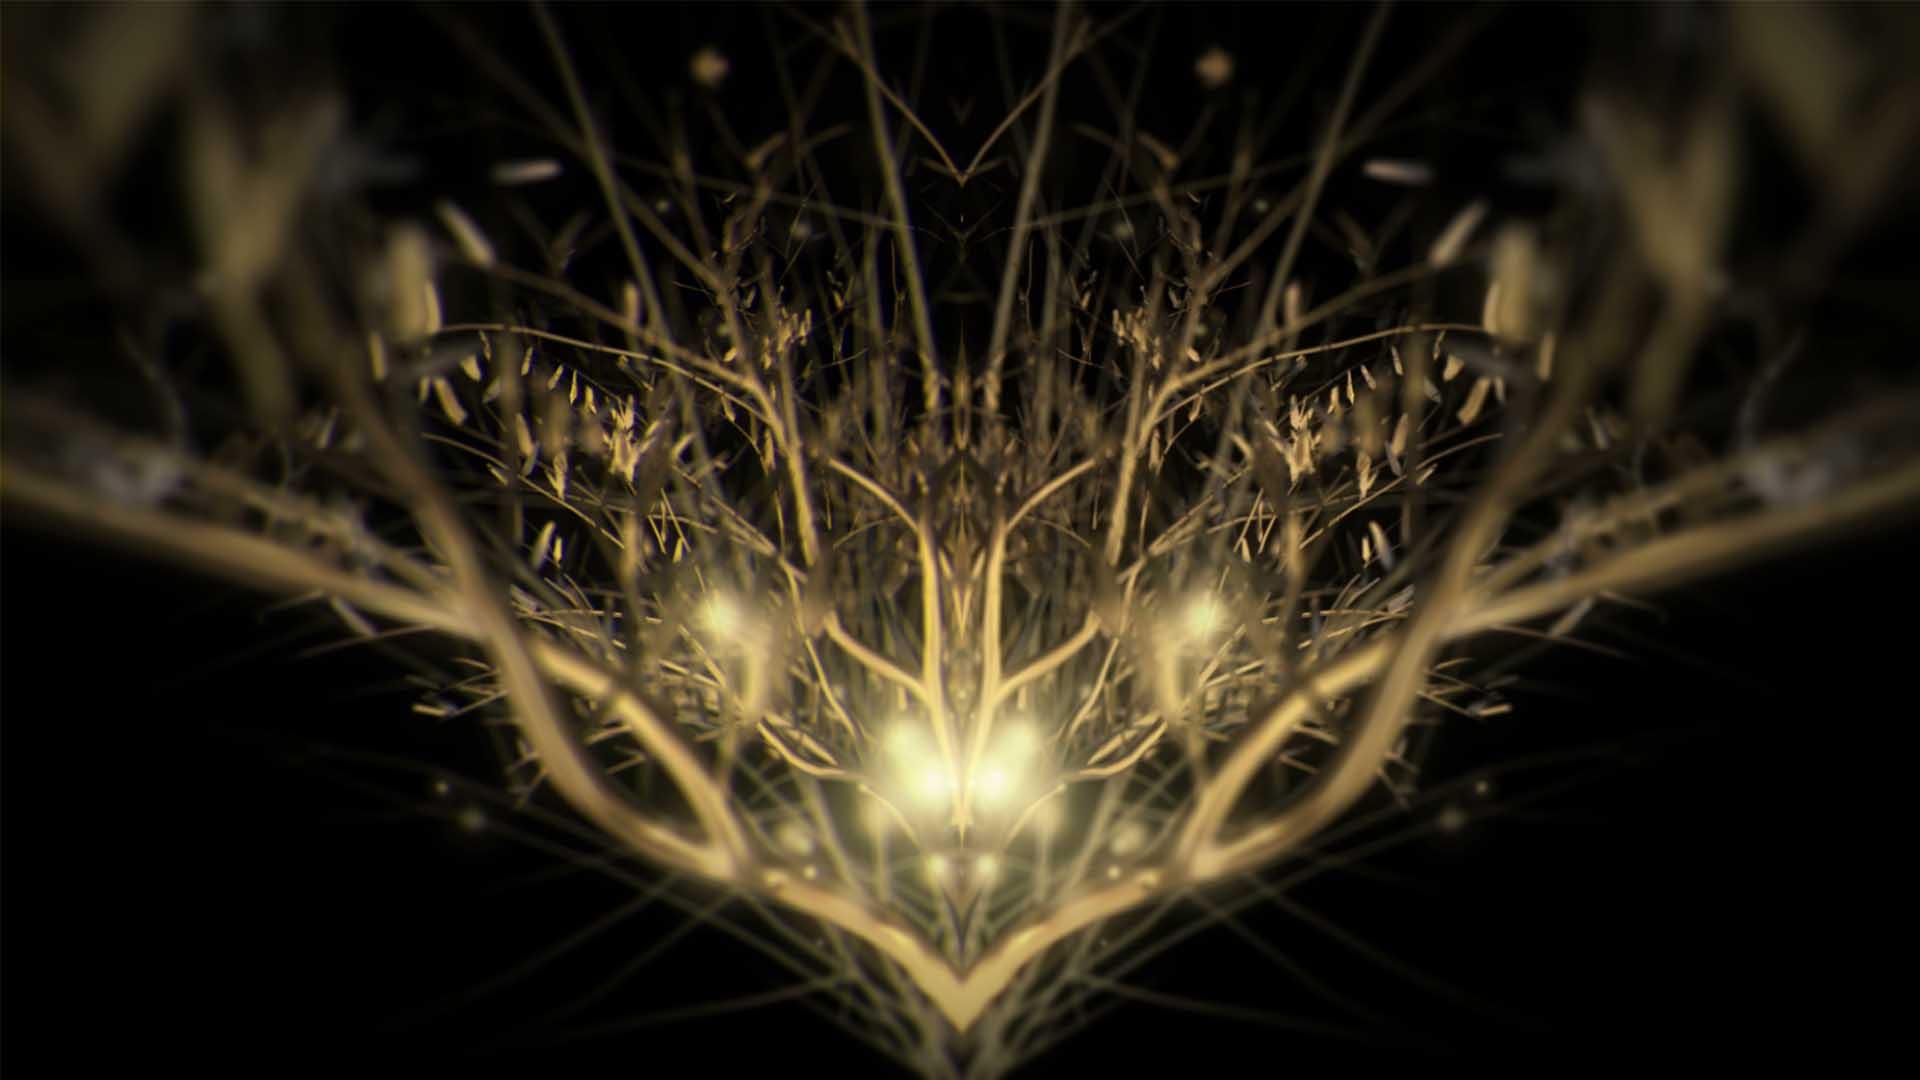 golden tree abstract vj loop video background wallpaper